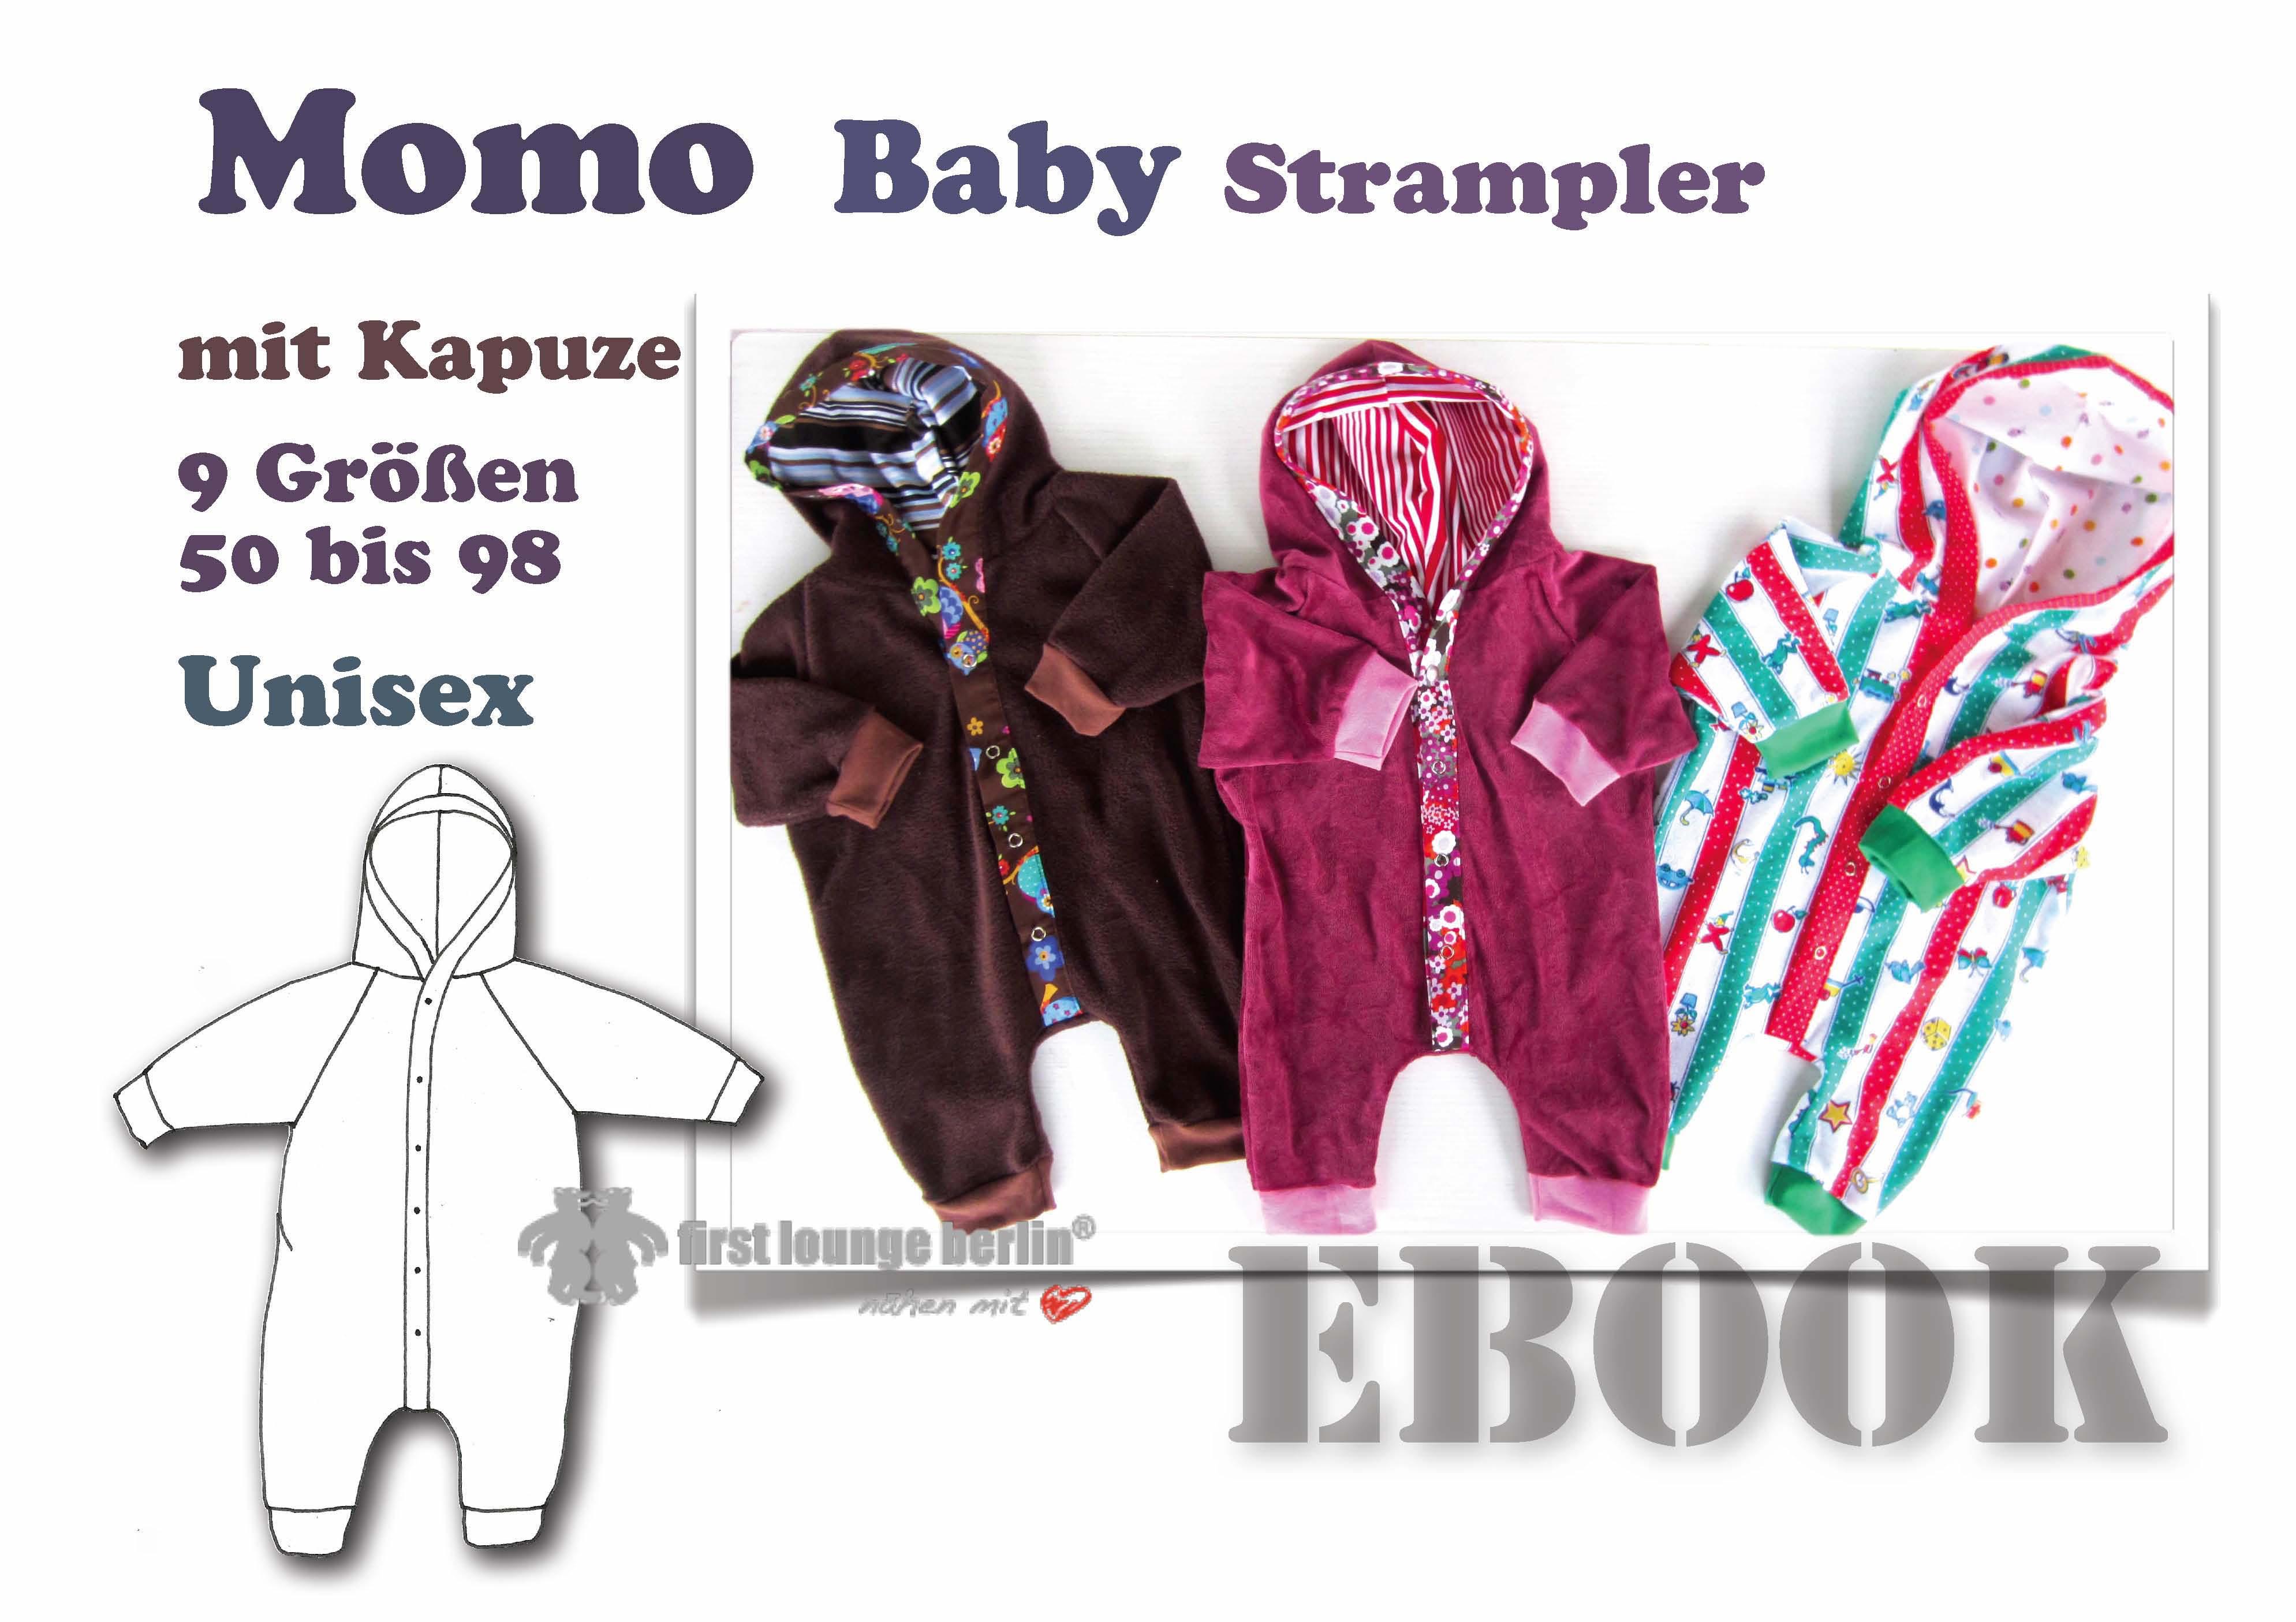 Preisvergleich Produktbild Momo Nähanleitung mit Schnittmuster für Baby Strampelanzug mit Kapuze in 9 Größen 50-98 [Download]